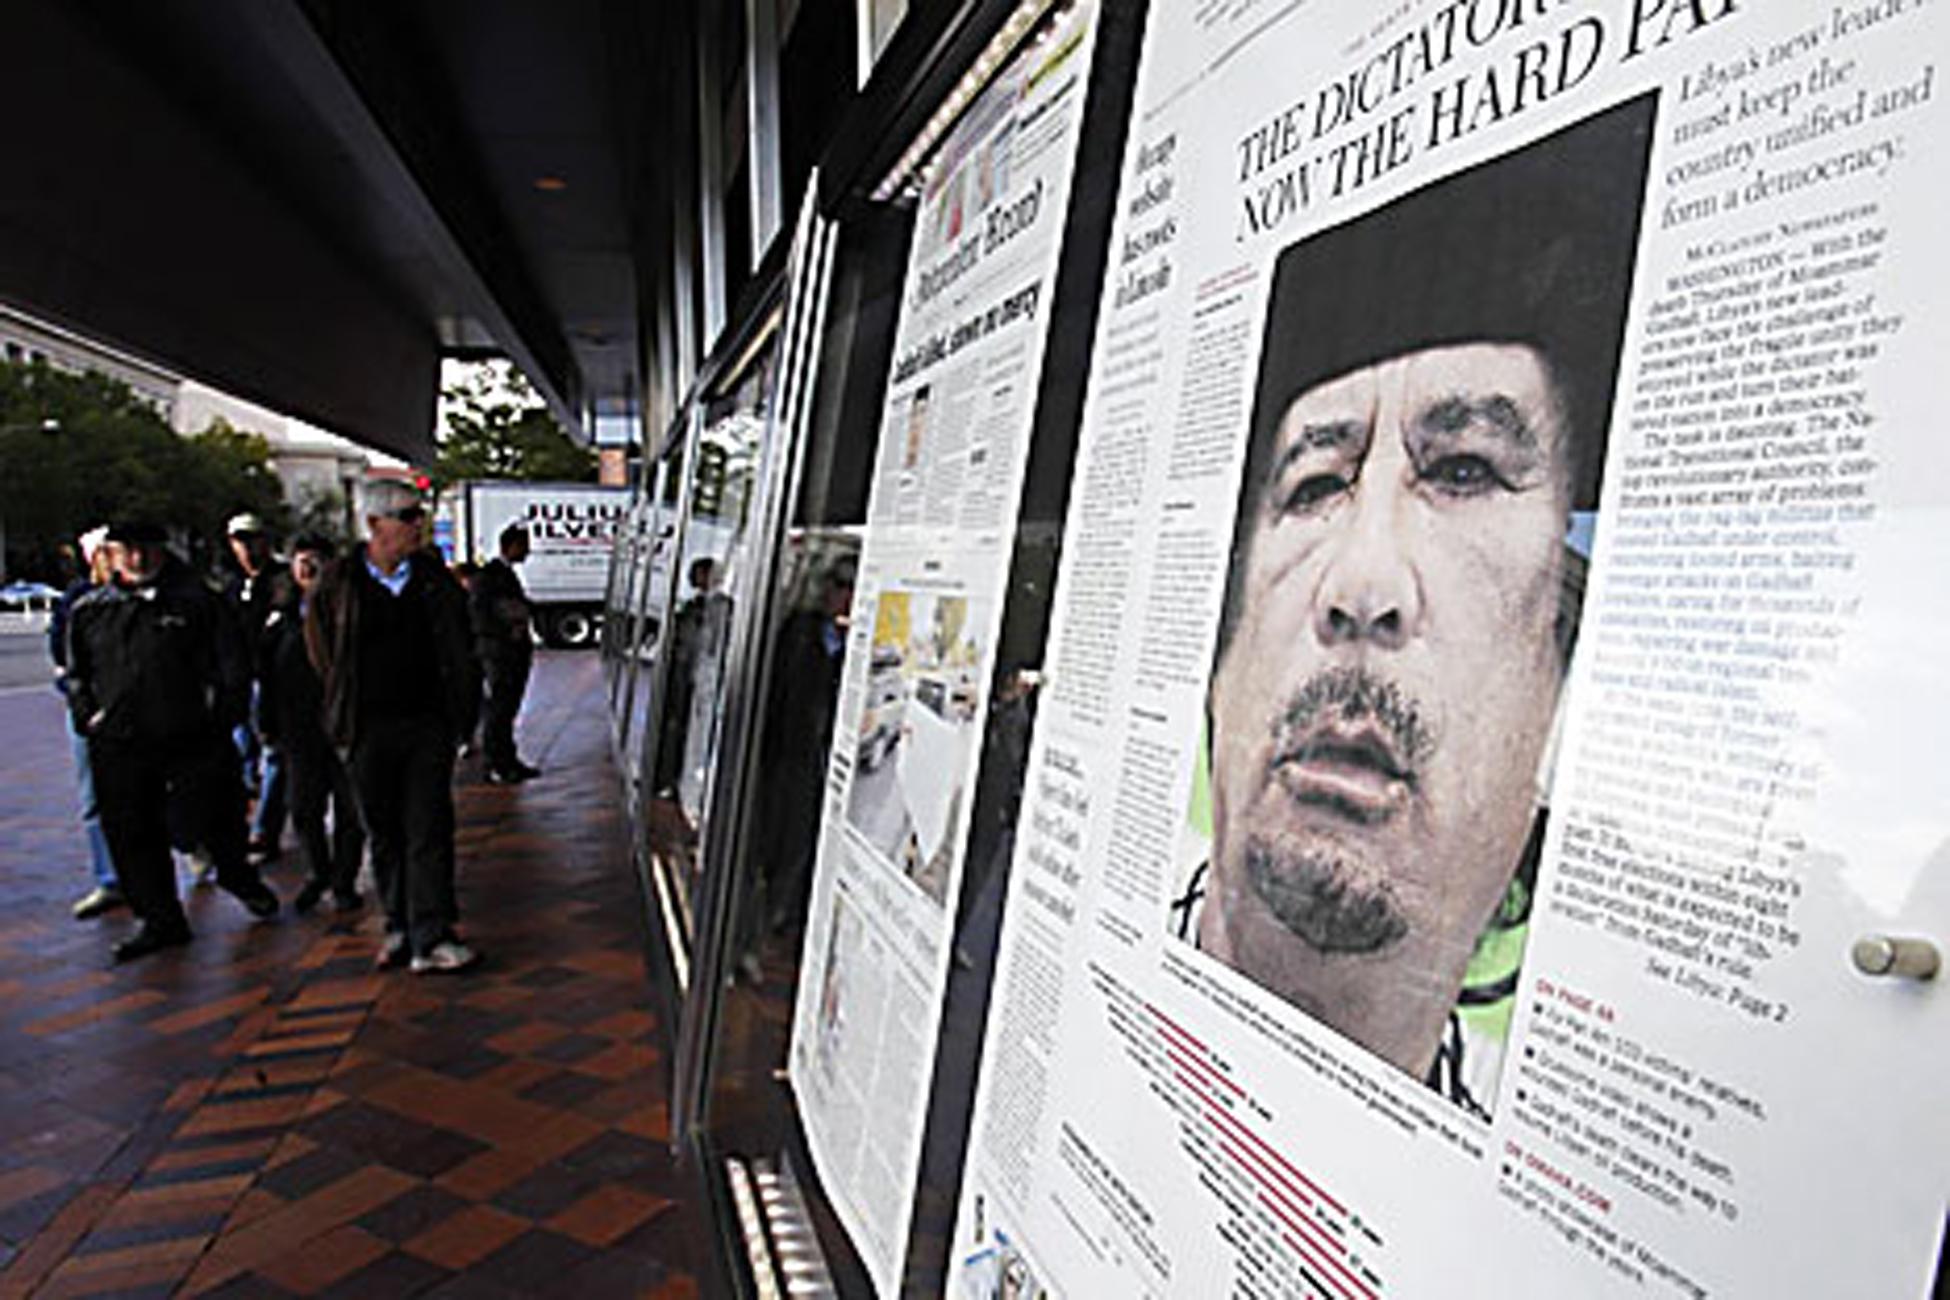 """Wajah Pemimpin Libya Muammar Qaddafi """"menghiasi"""" tajuk utama media-media cetak saat sang pemimpin dilaporkan meninggal karena terluka parah pada kedua kaki dan kepalanya setelah ditangkap di kota kelahirannya, Sirte, pada pagi hari, 20 Oktober 2011."""